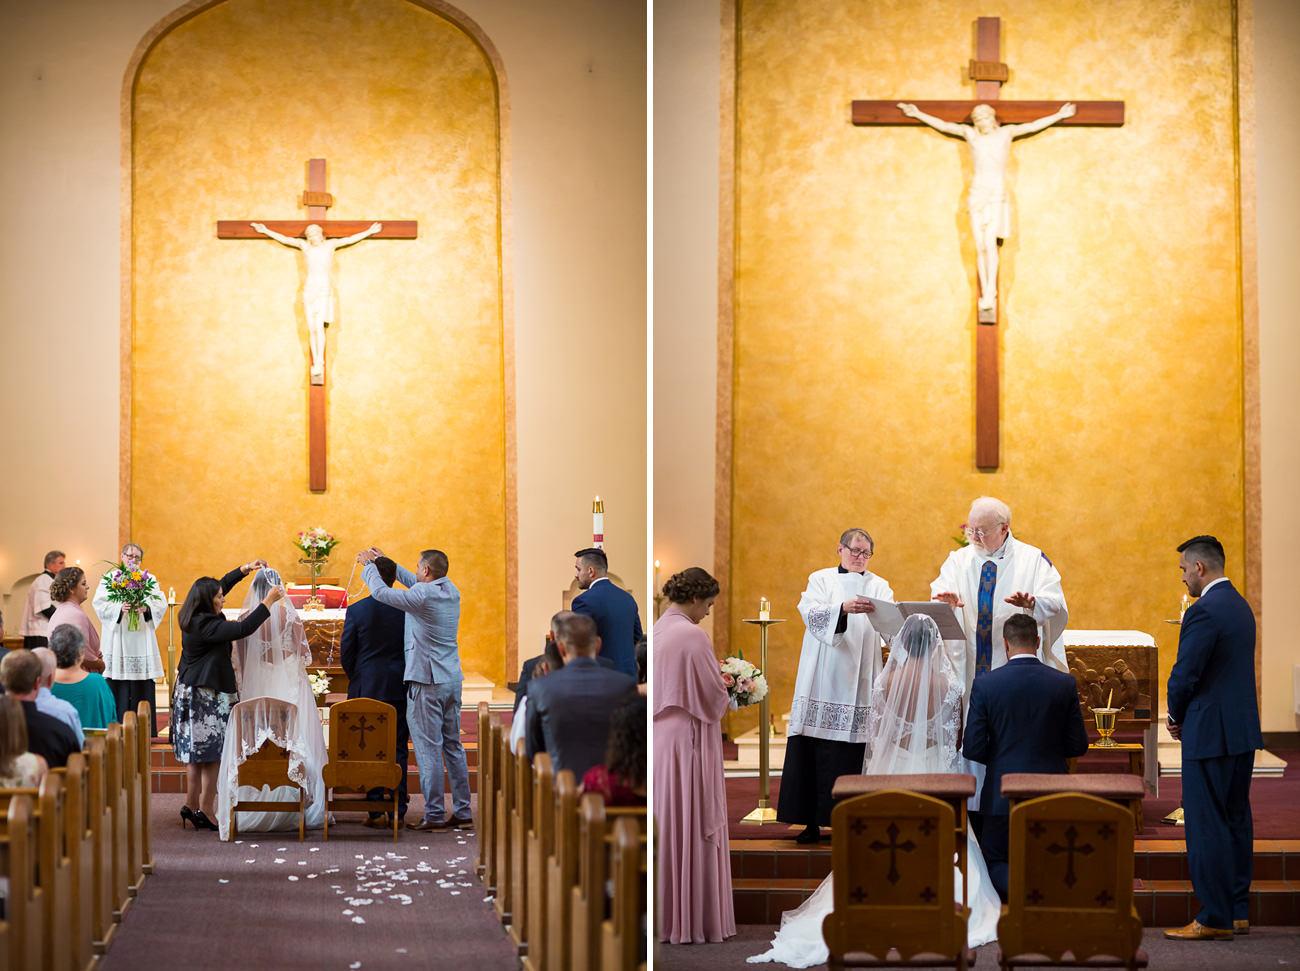 st-marys-catholic-wedding-53 St Marys Catholic Wedding   Eugene Oregon Photographer   Ariana & Chavo